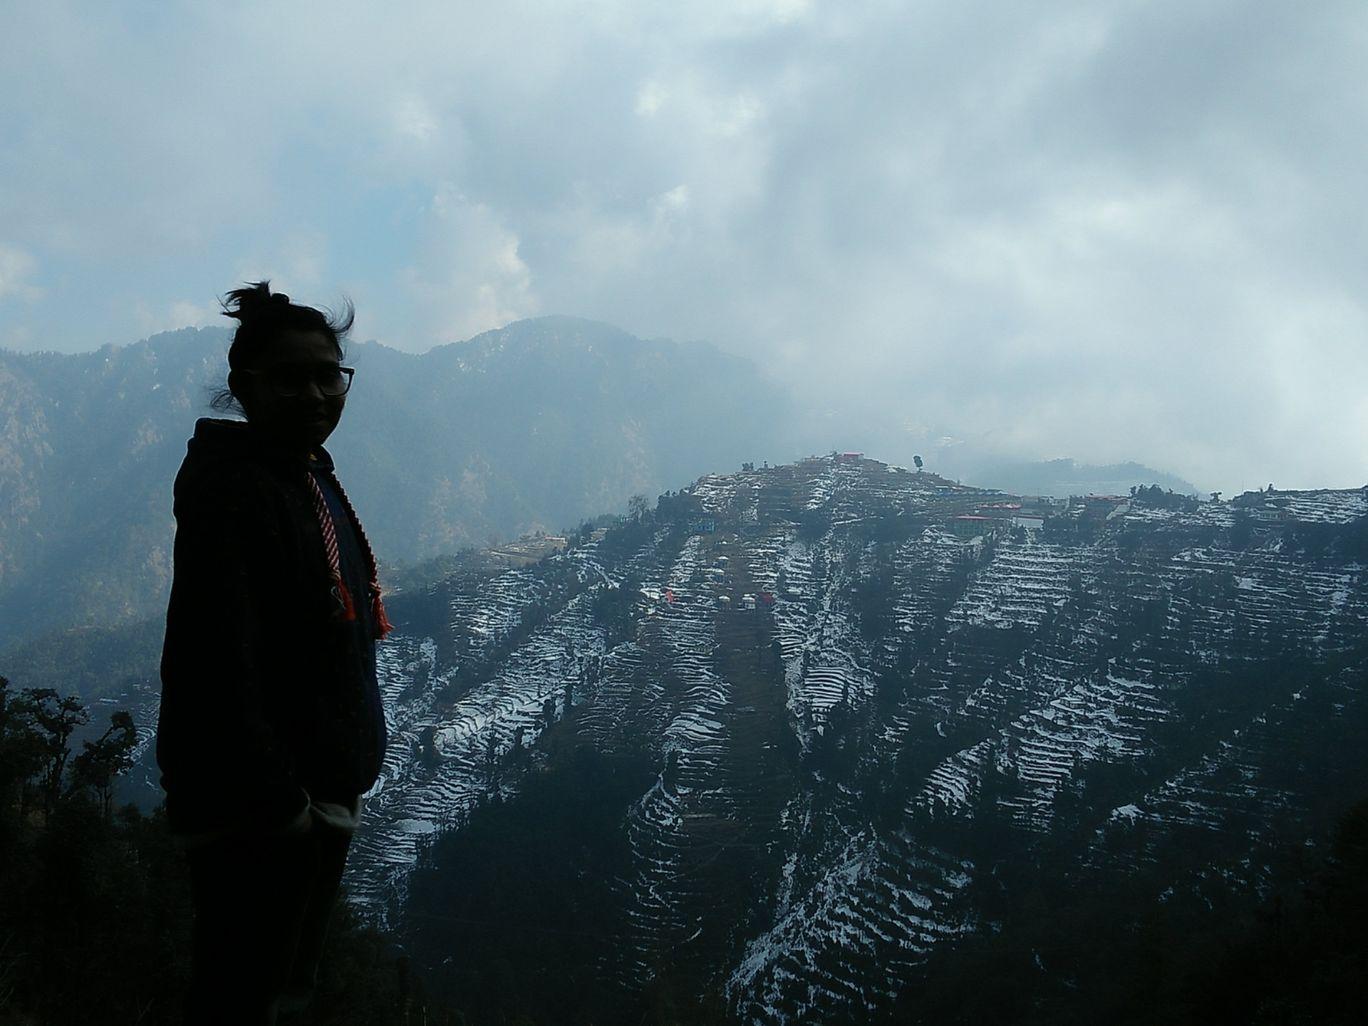 Photo of Dhanaulti By PriyaK